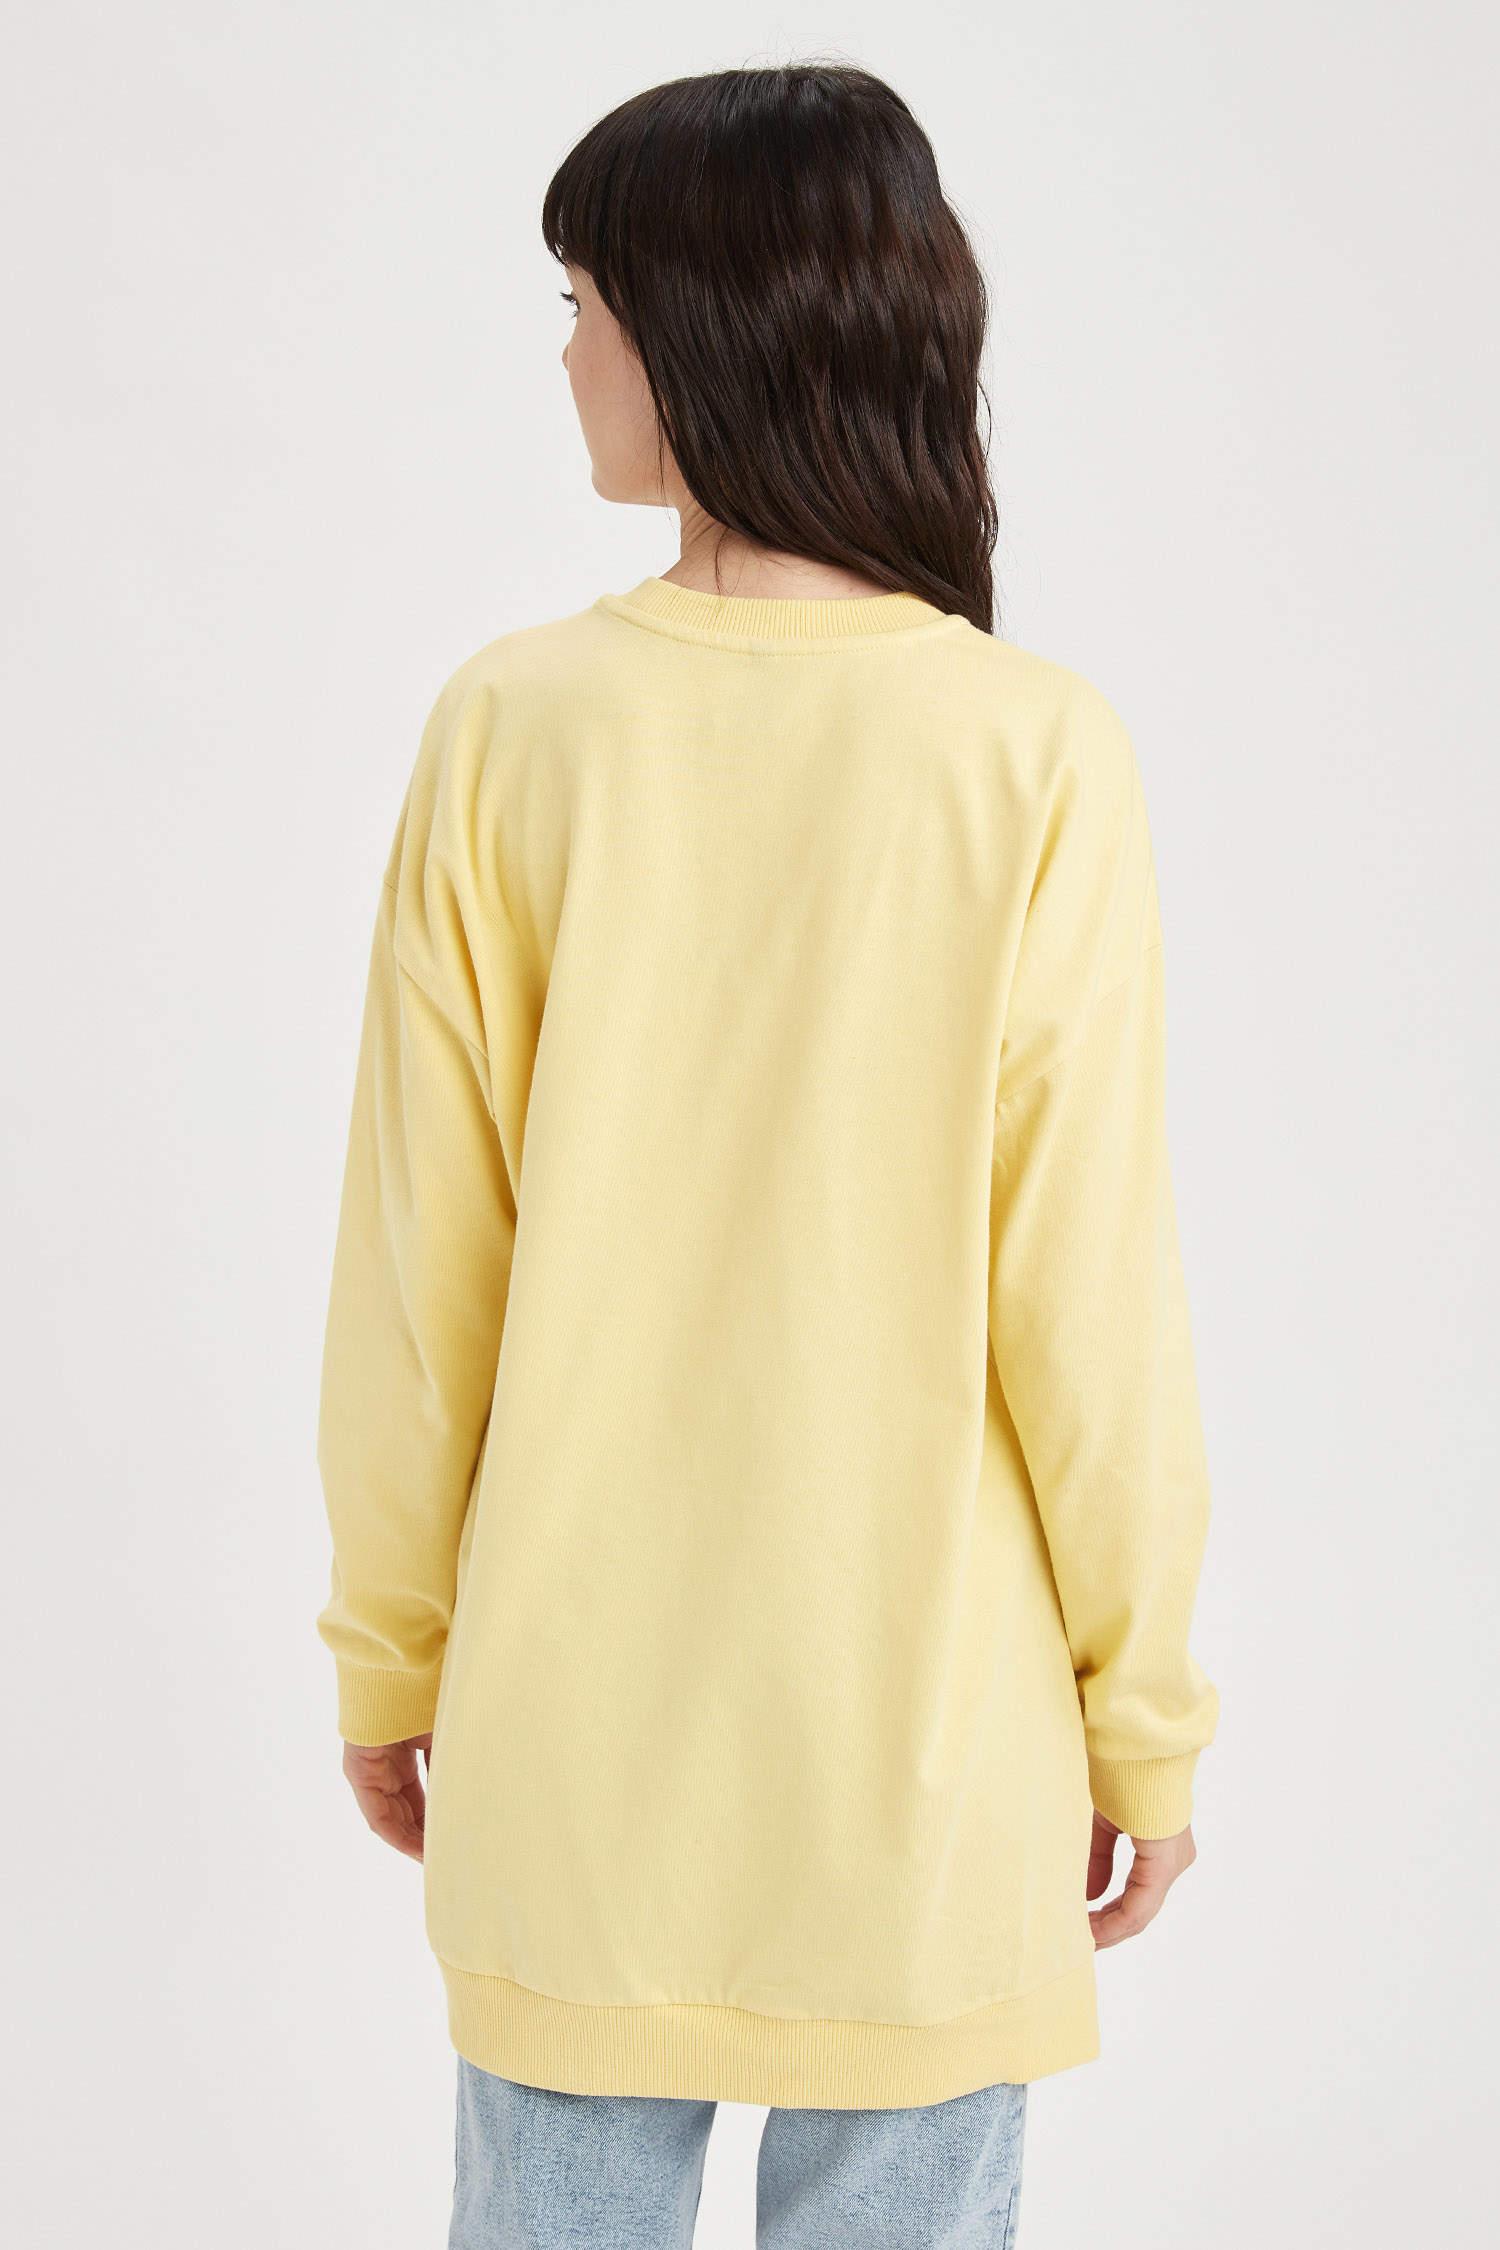 Туника DeFacto, Color: Yellow, Size: XL, 4 image